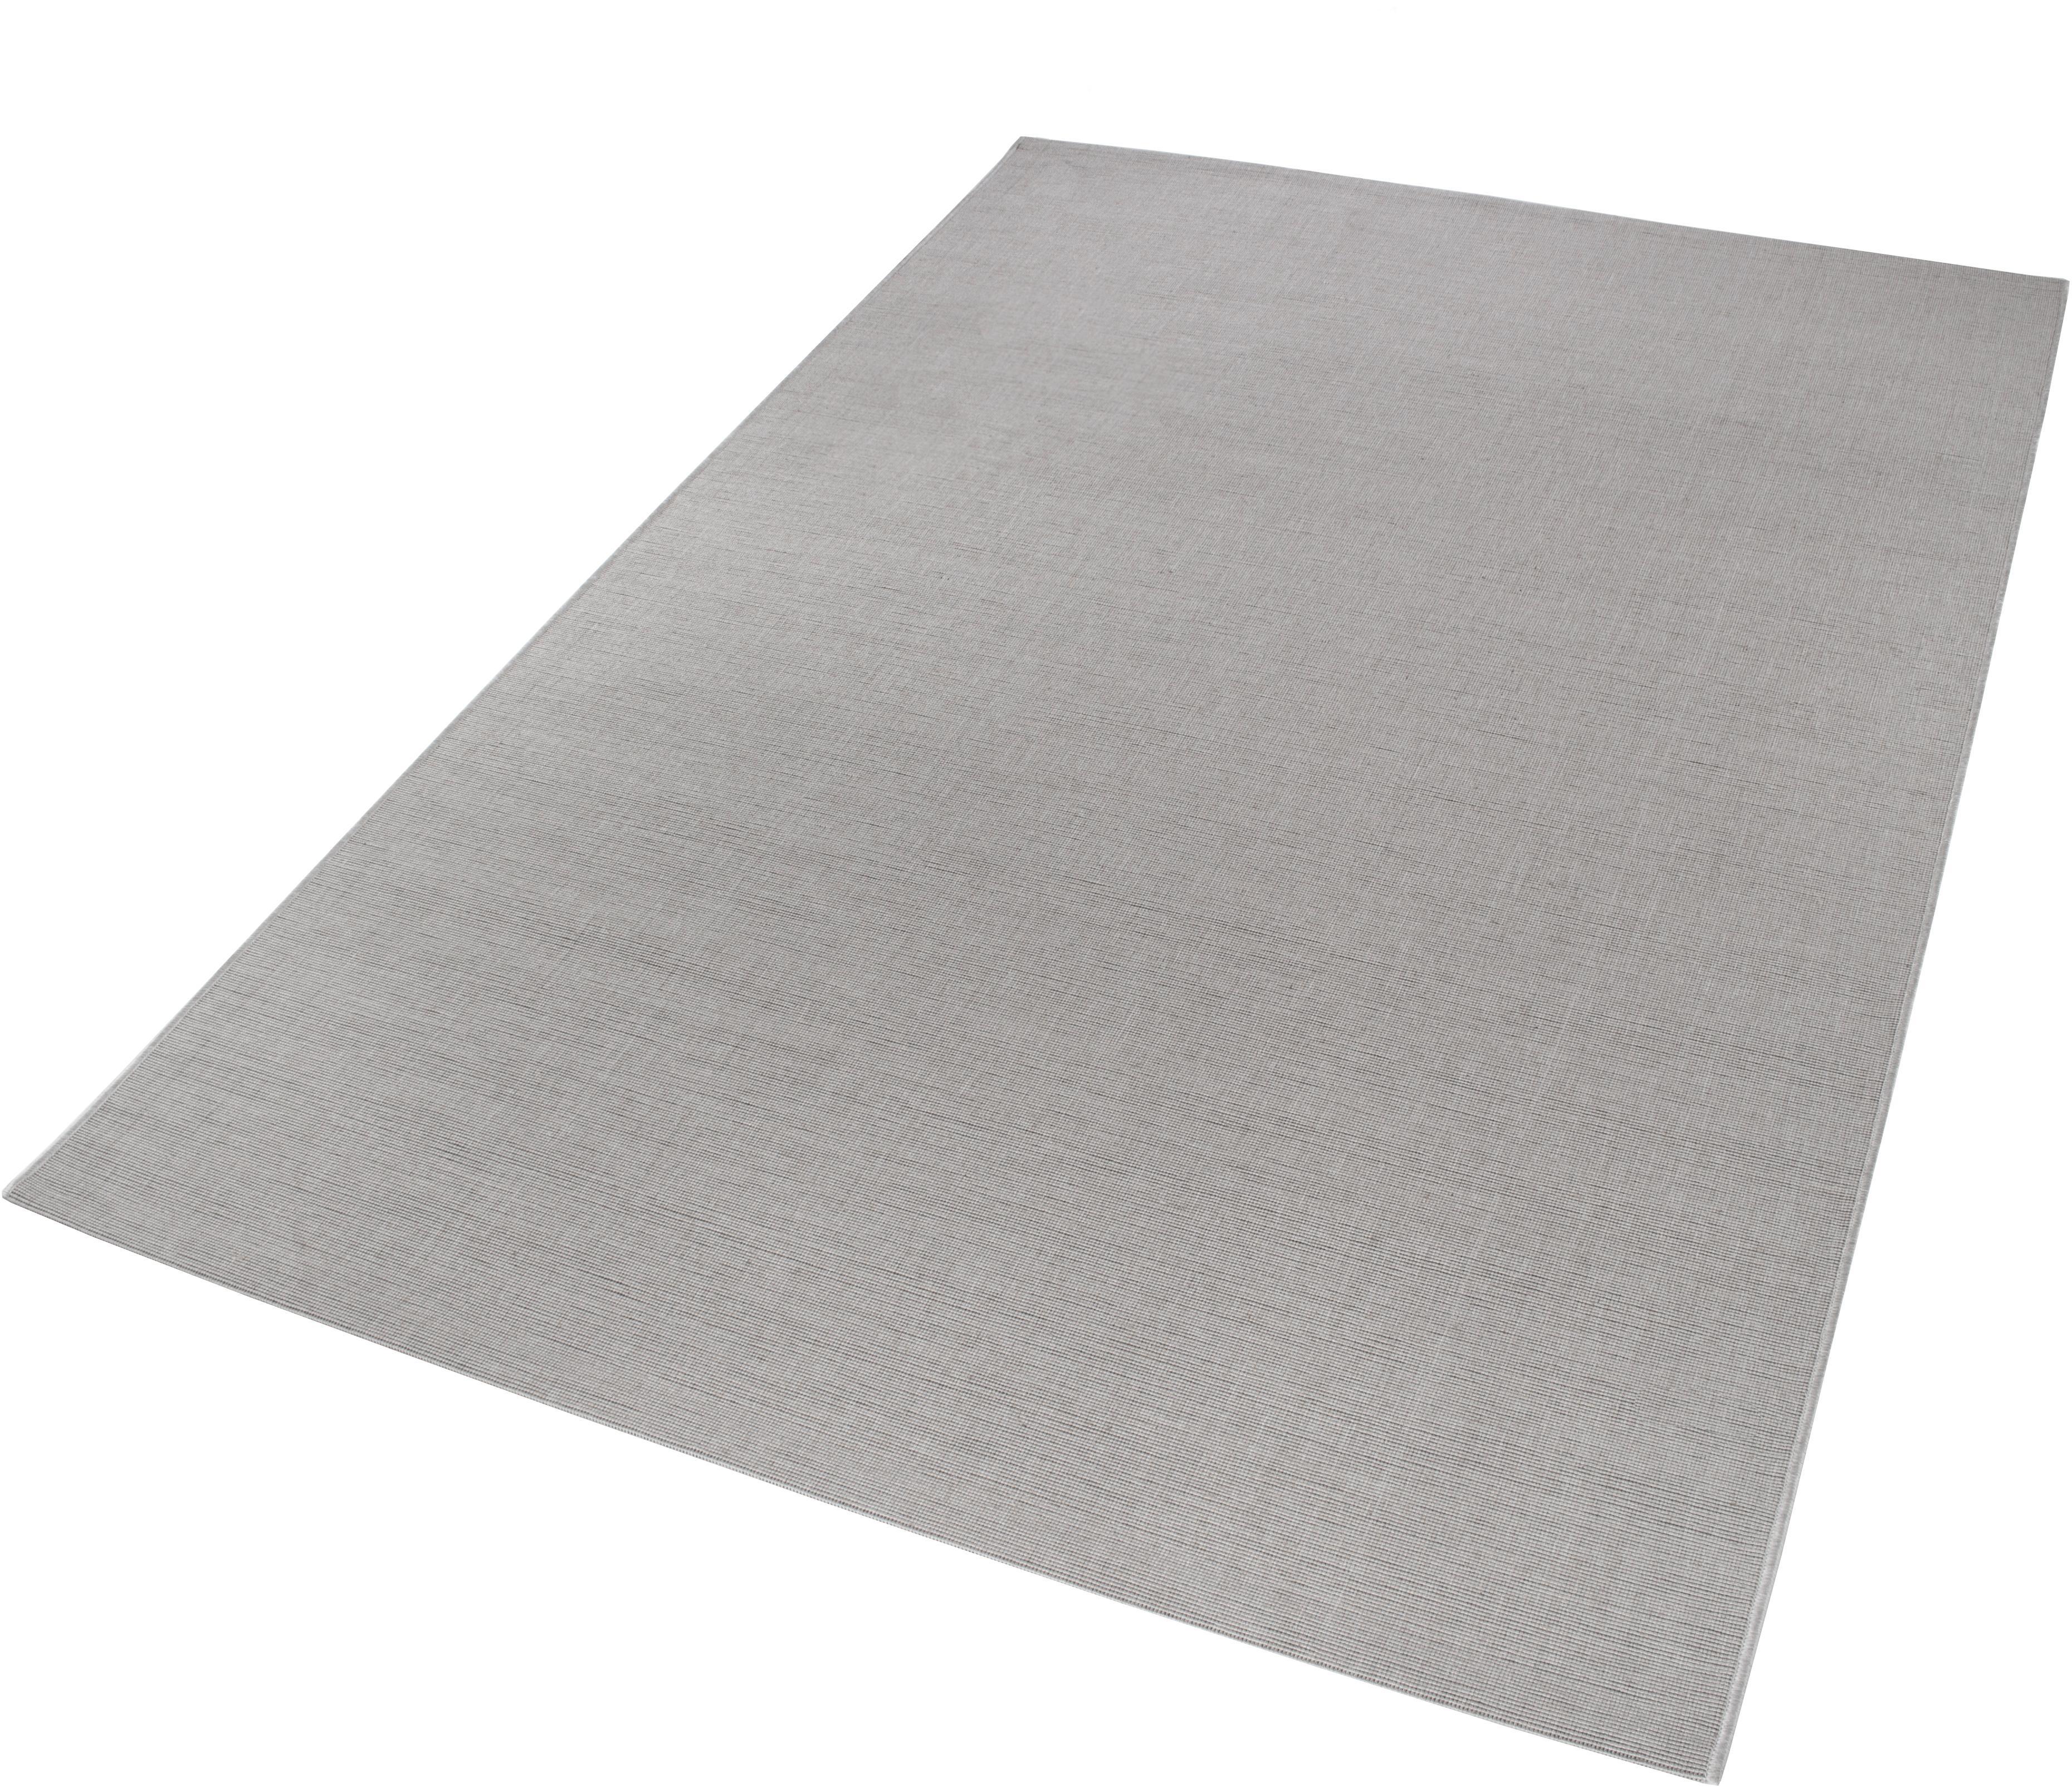 Teppich York LUXOR living rechteckig Höhe 8 mm